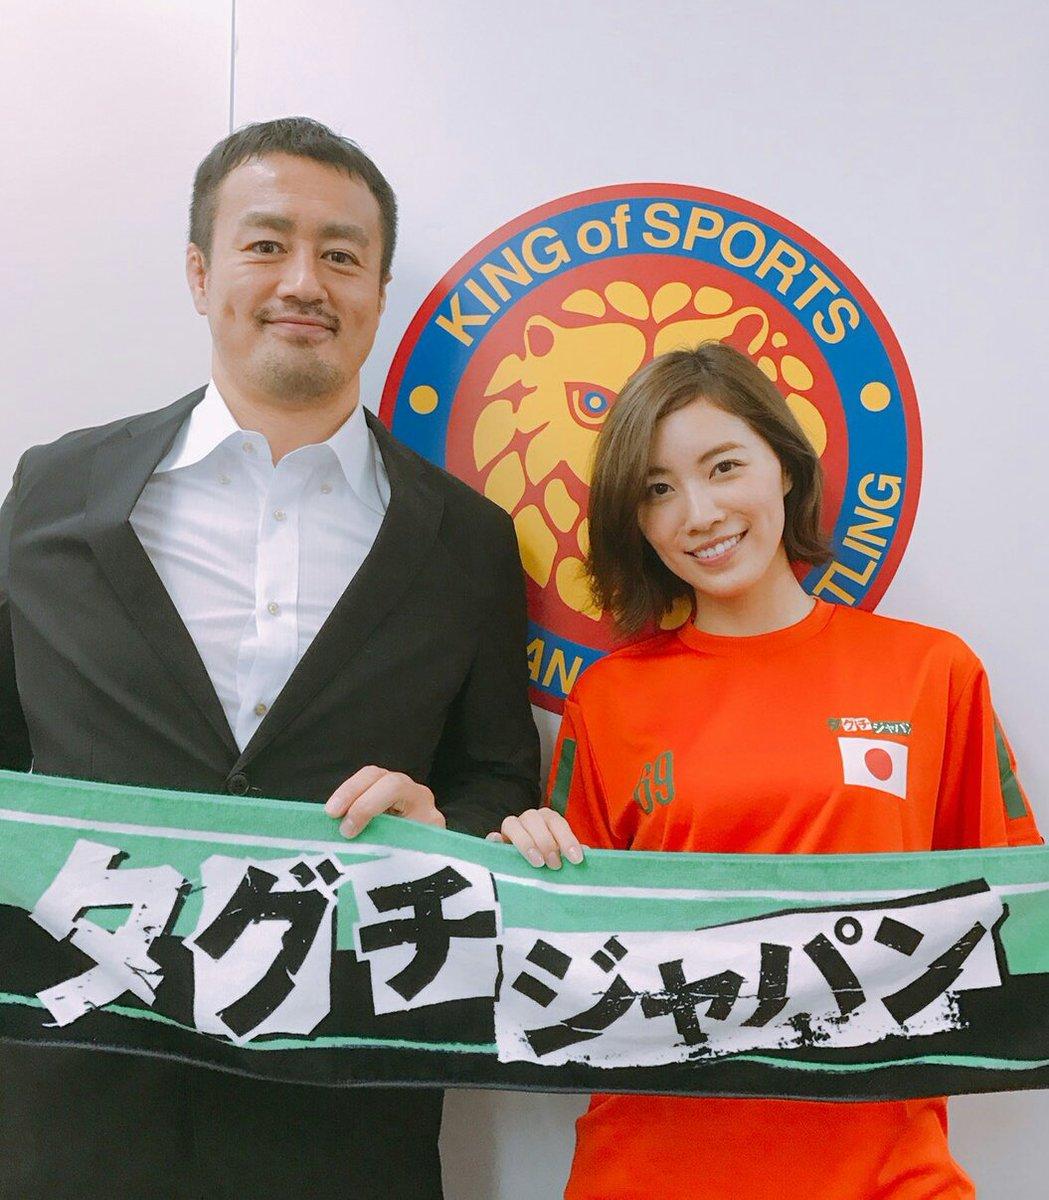 ハロウィンバージョンの #タグチジャパン  Tシャツ可愛い🎃🎵 私のサイリウムカラーと同じ💛💚 JU…